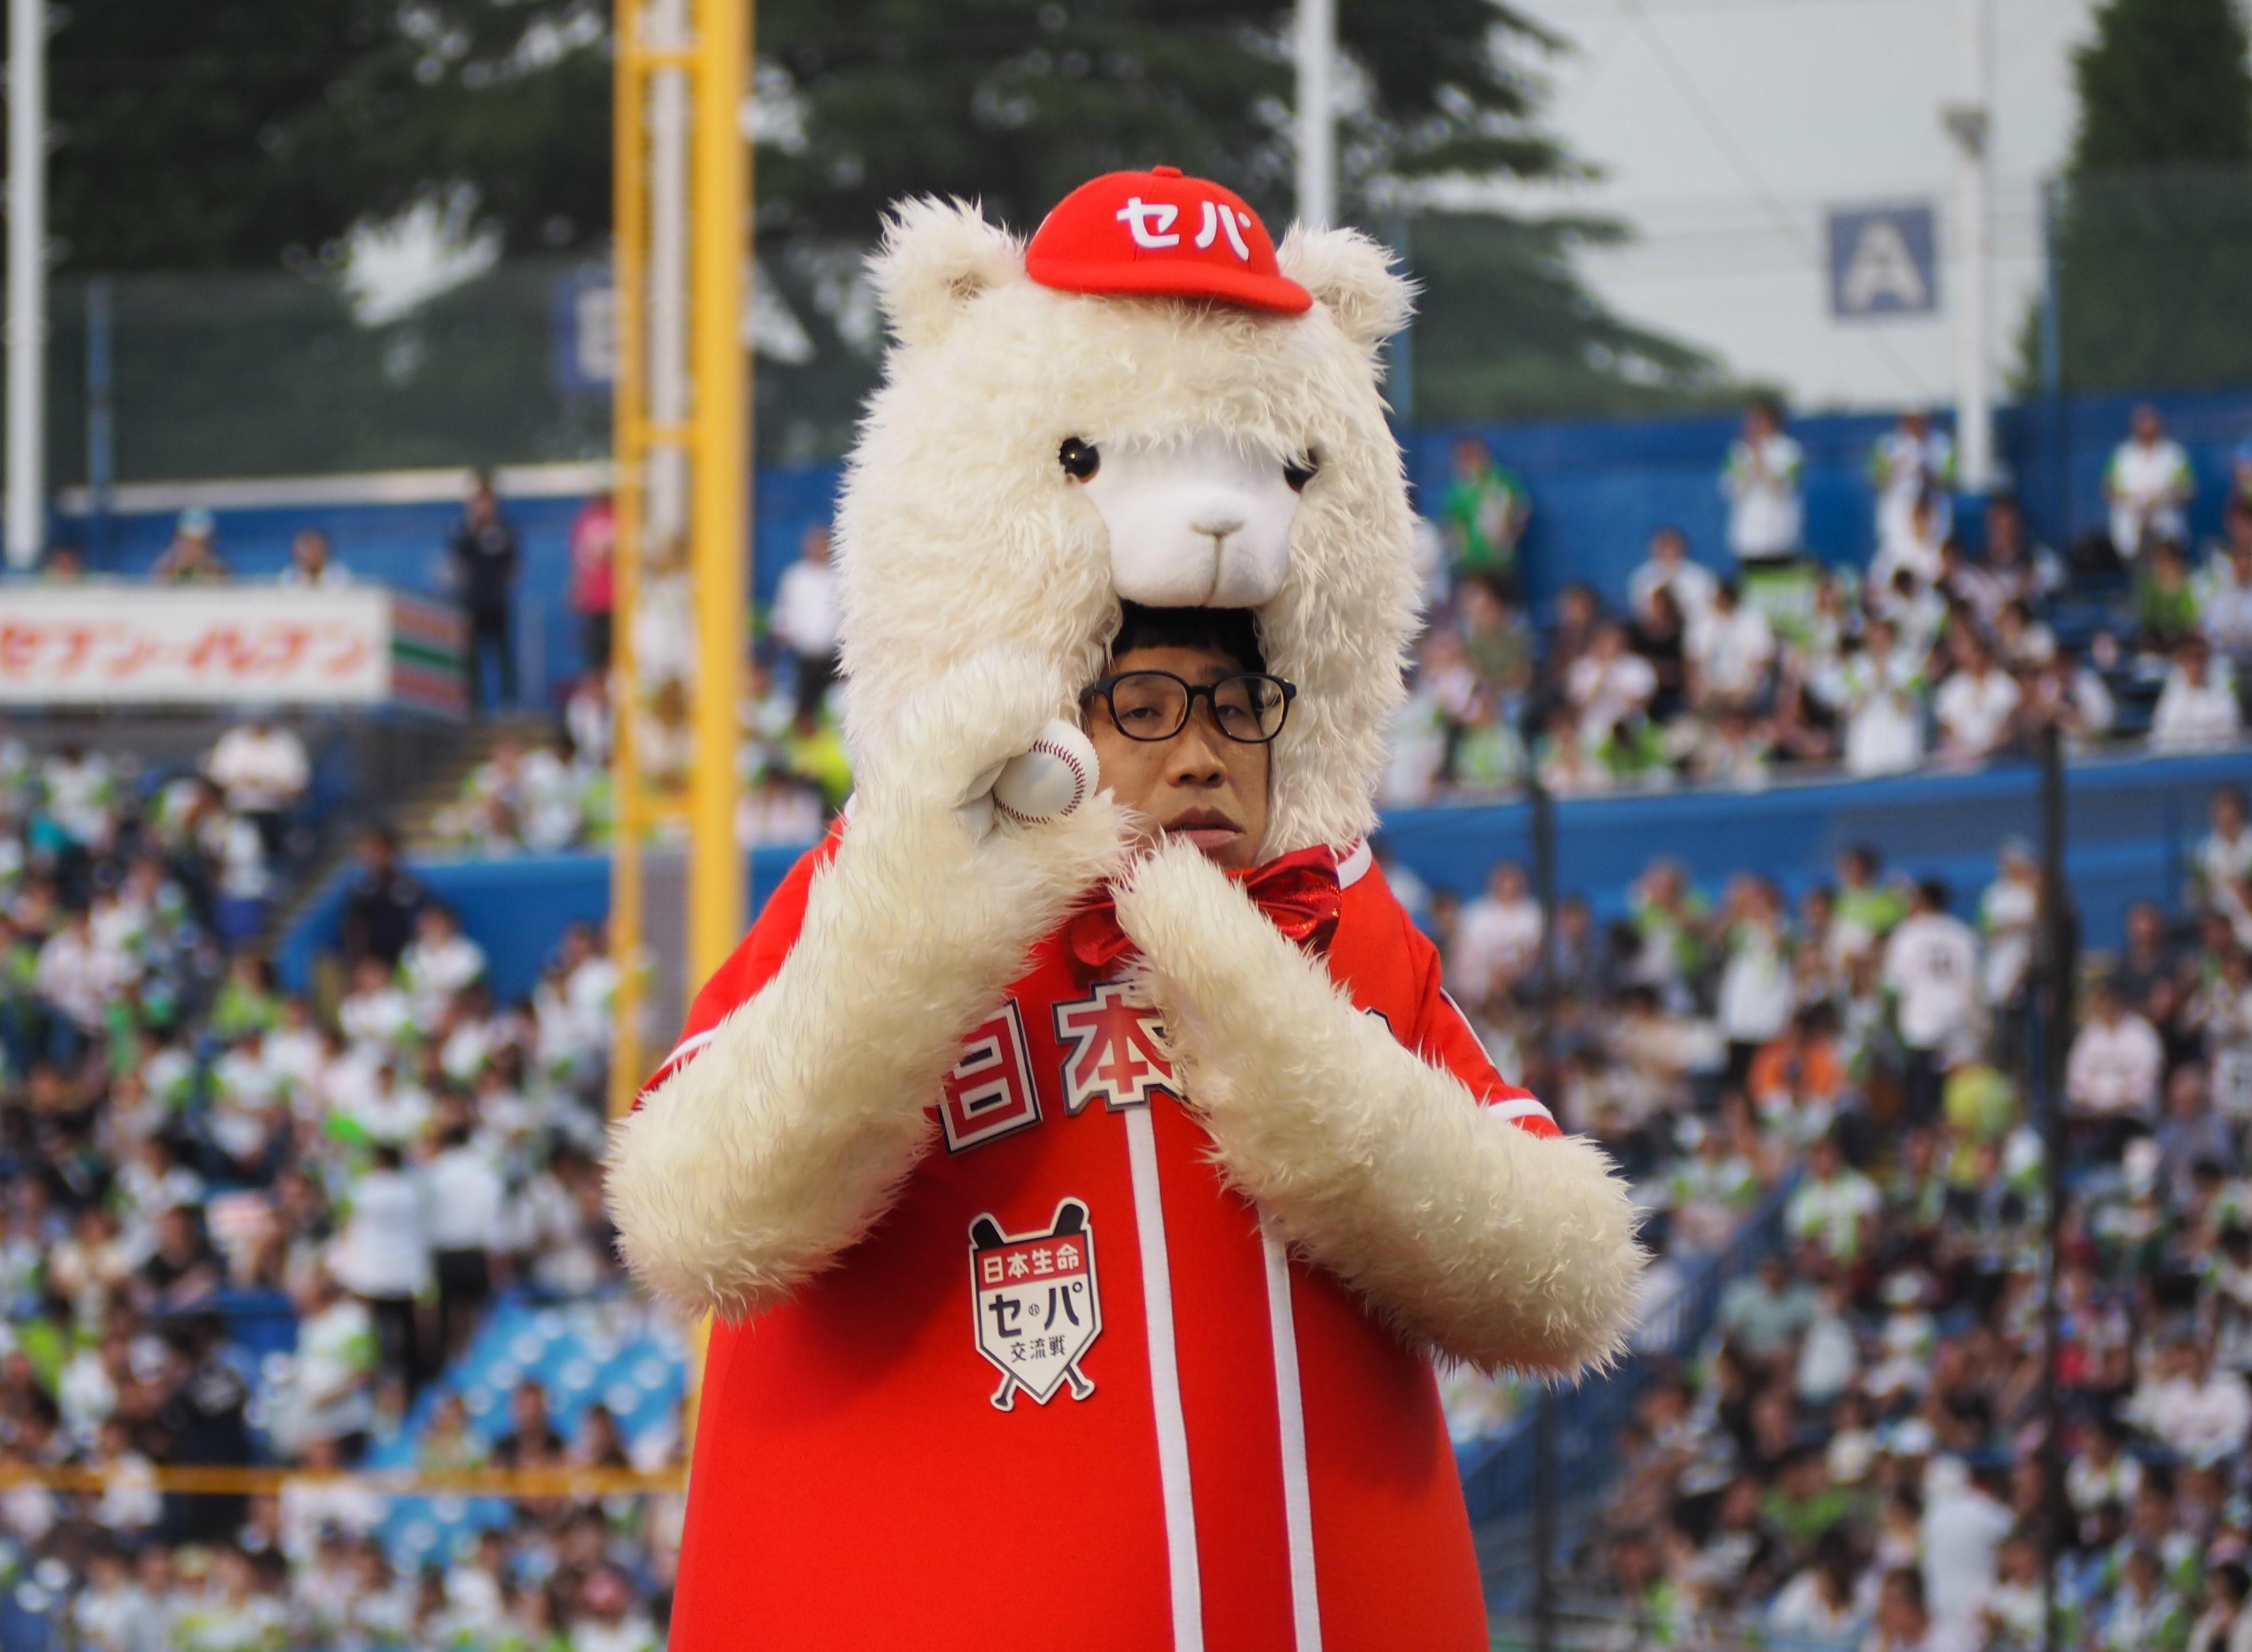 http://news.yoshimoto.co.jp/20180530065420-778b5cc5cb84fe3b5134f55f6895410f5d368c03.jpg